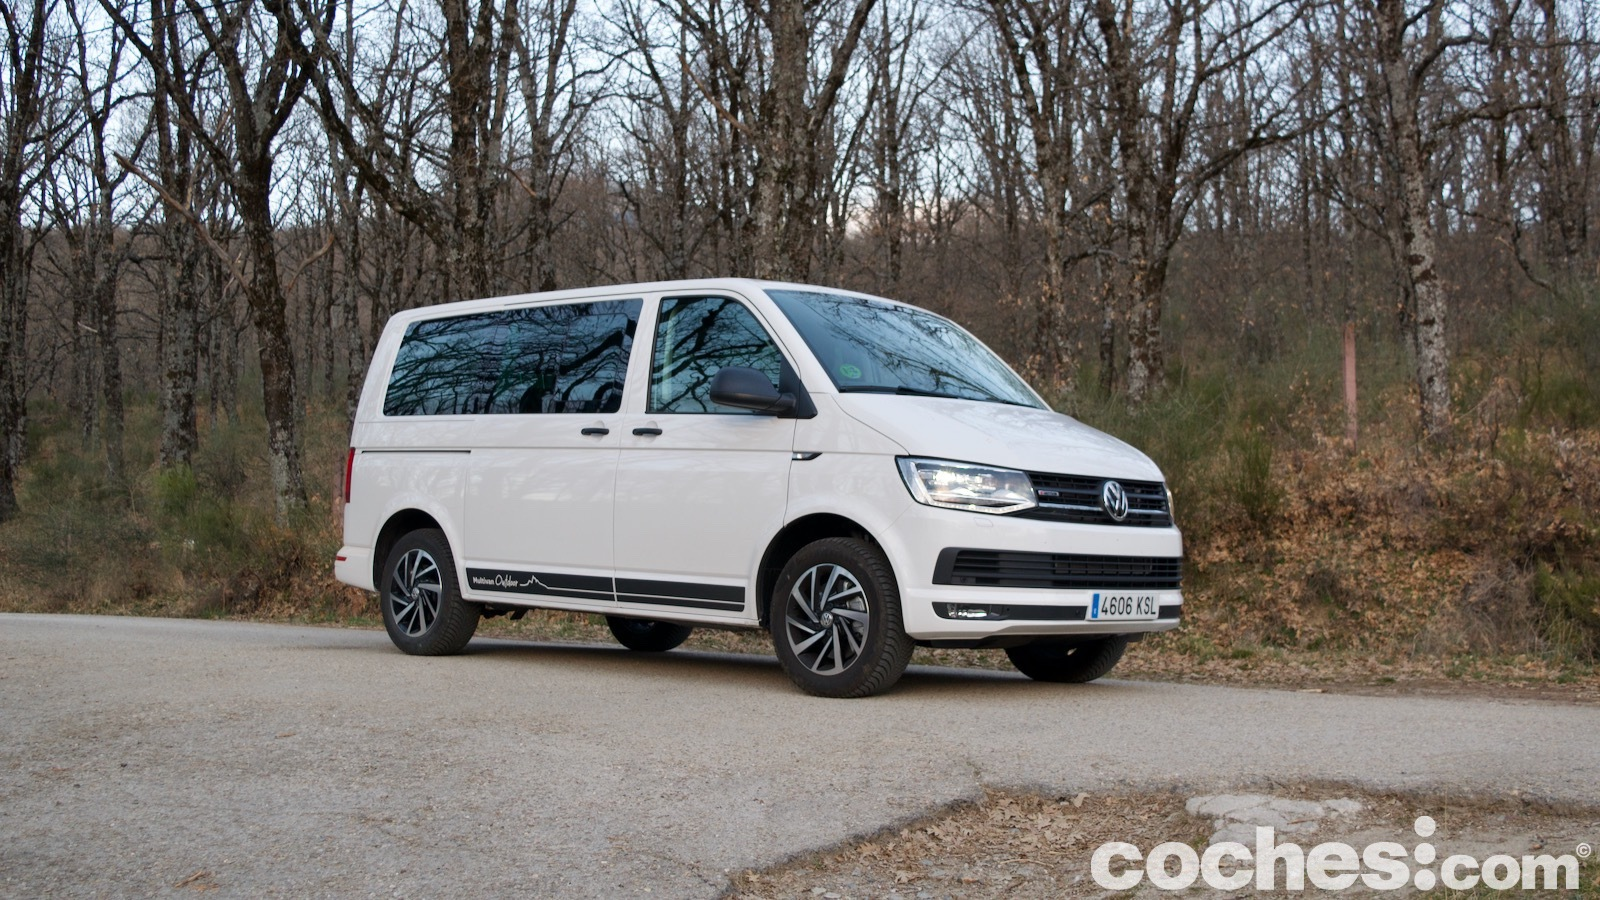 Volkswagen Multivan Outdoor prueba exterior – 14